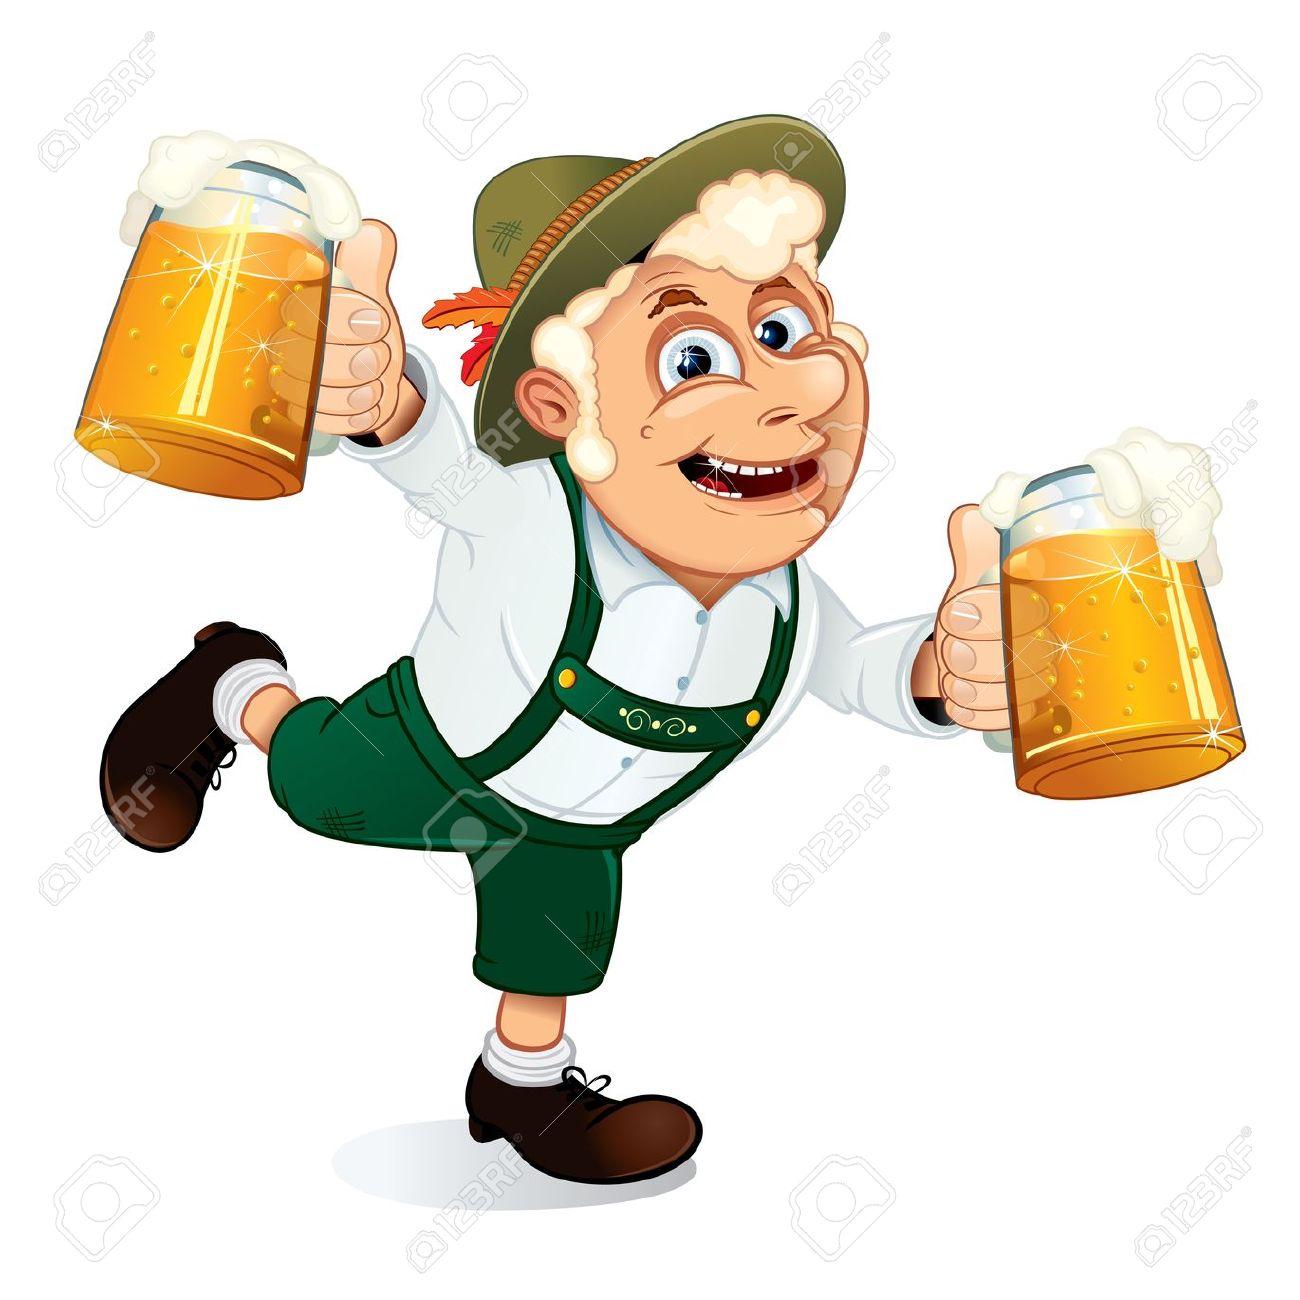 Clipart betrunkener mann graphic royalty free Urkomisch Betrunken Mann Mit Becher Bier Zu Hände Auf Ein ... graphic royalty free